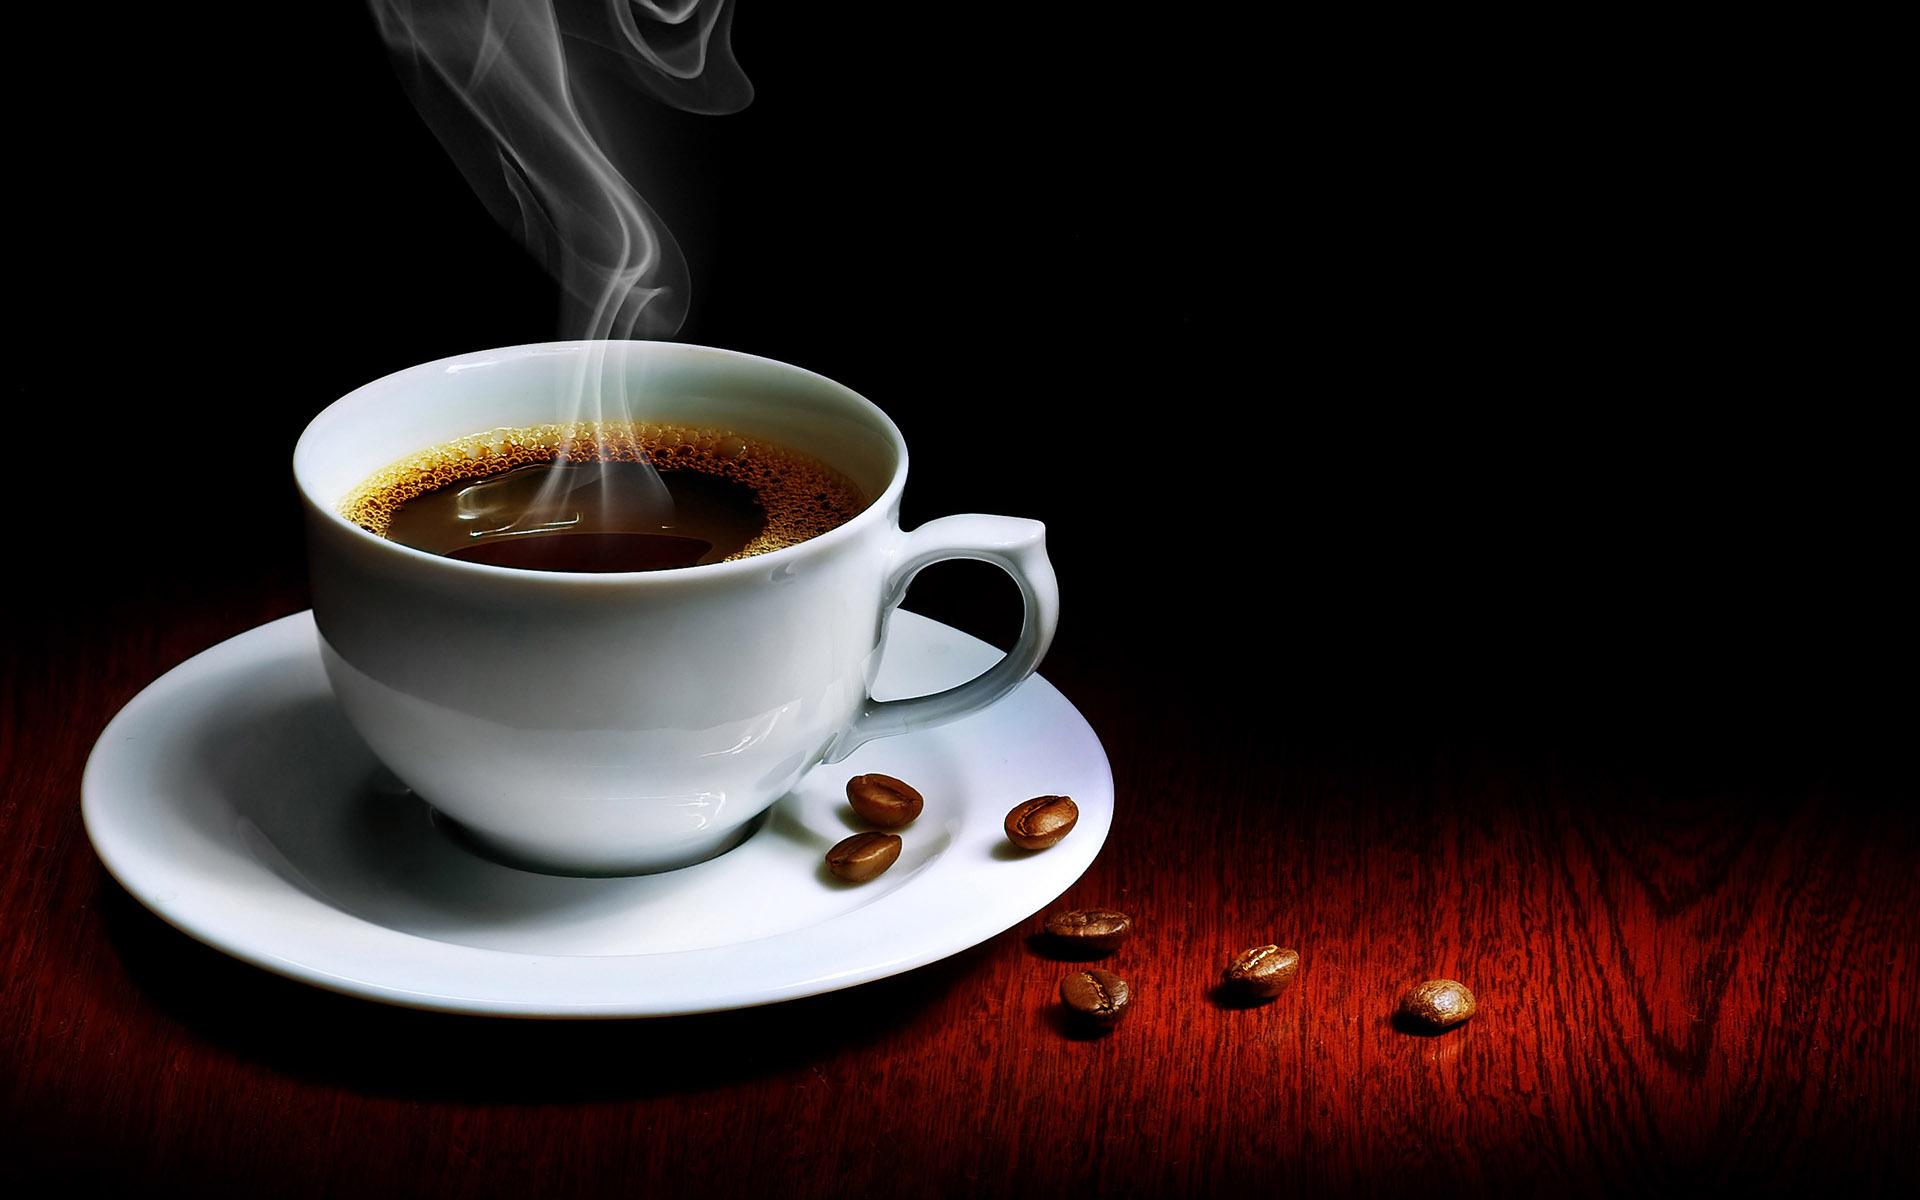 Coffee - Coffee Wallpaper (13874629) - Fanpop